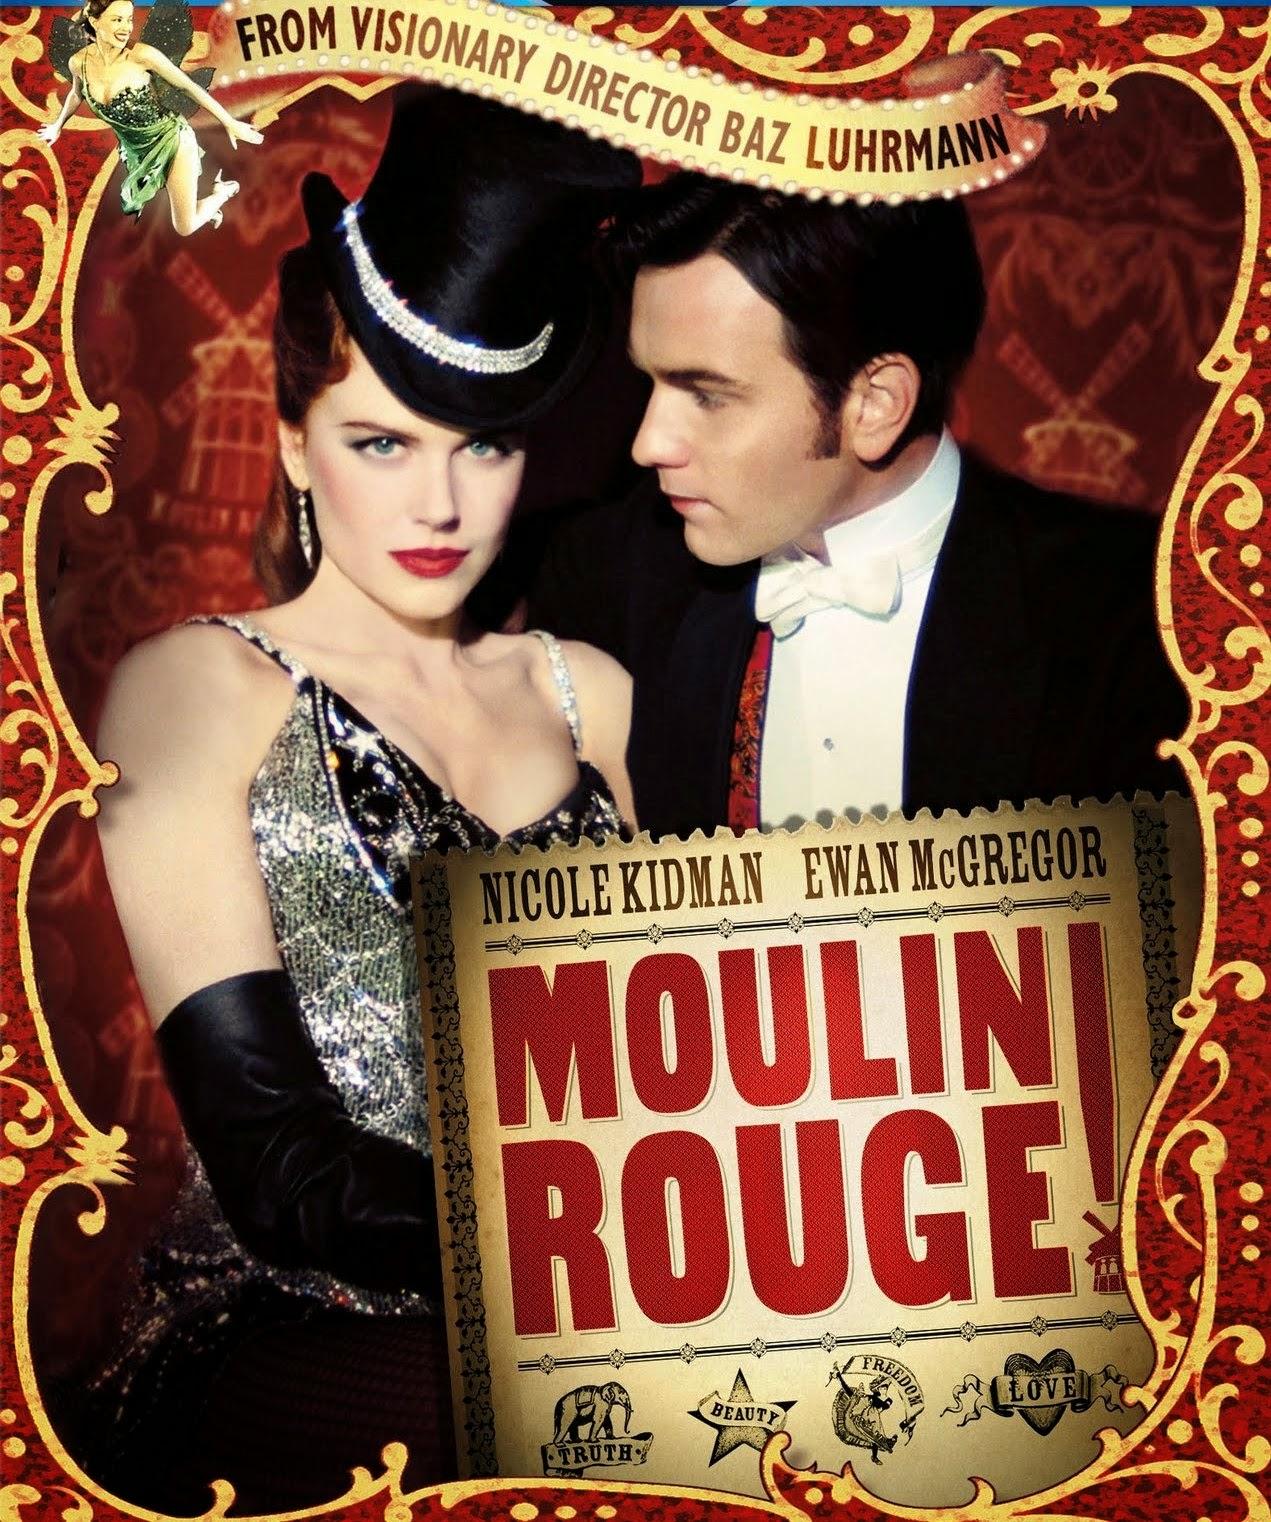 Moulin Rouge - Amor em Vermelho ganhará versão na Broadway 6